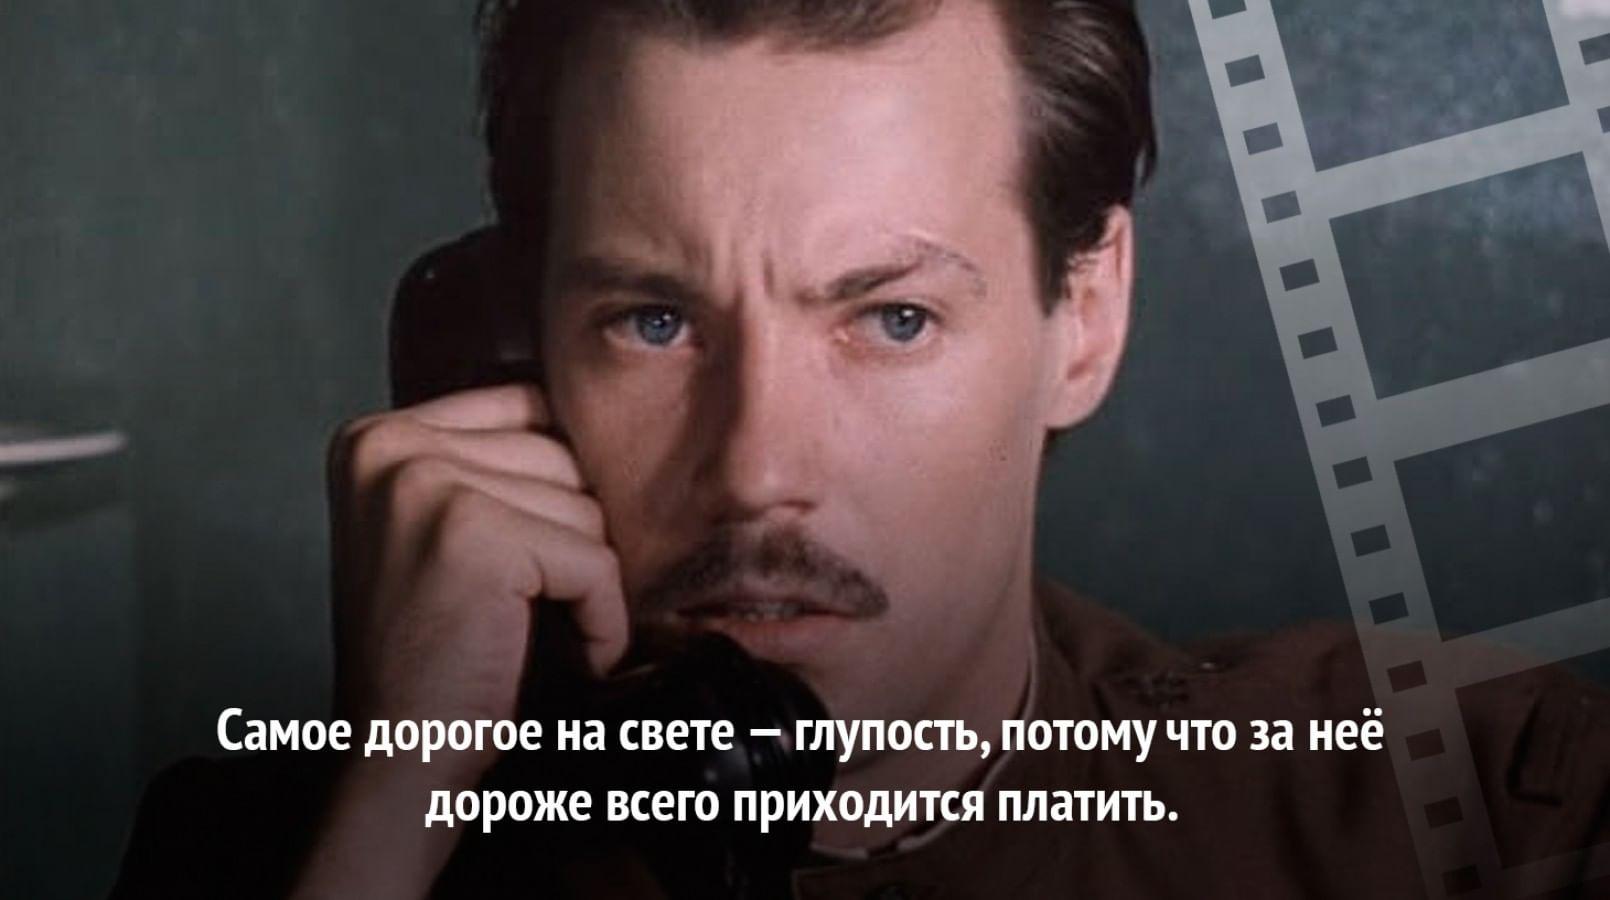 Володя Шарапов